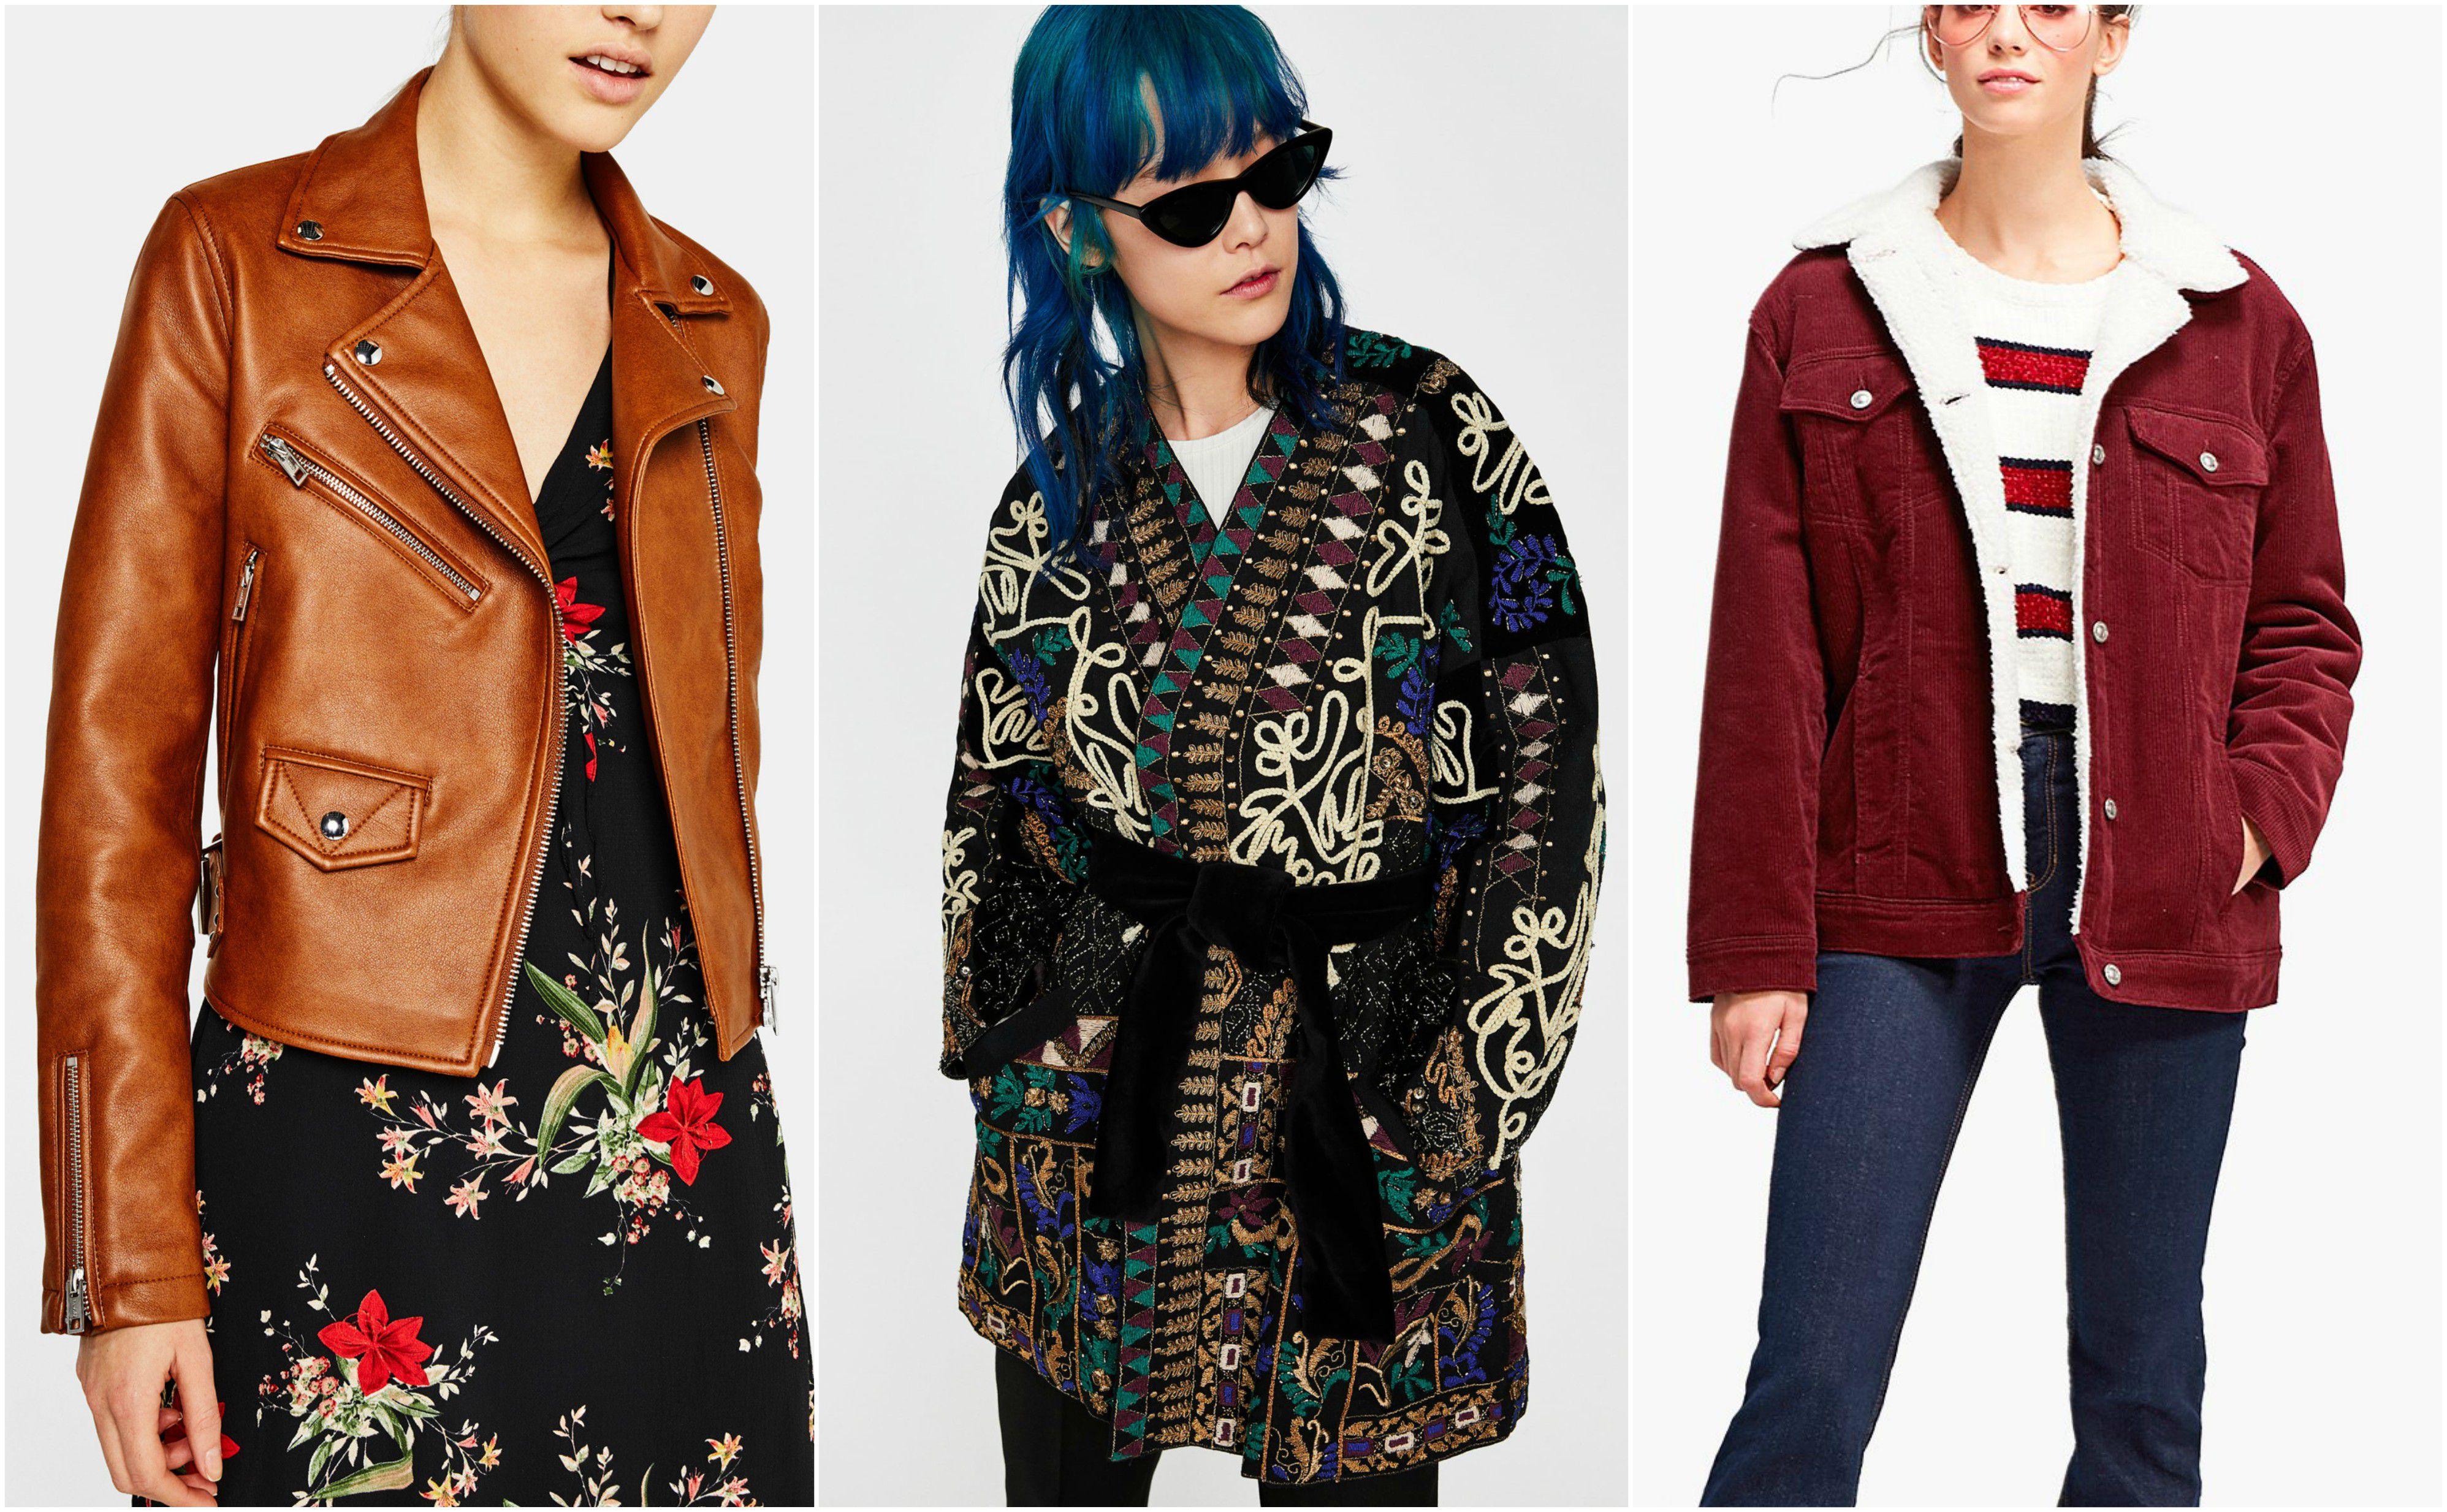 Izabrali smo najljepše jakne iz novih kolekcija za nadolazeću sezonu